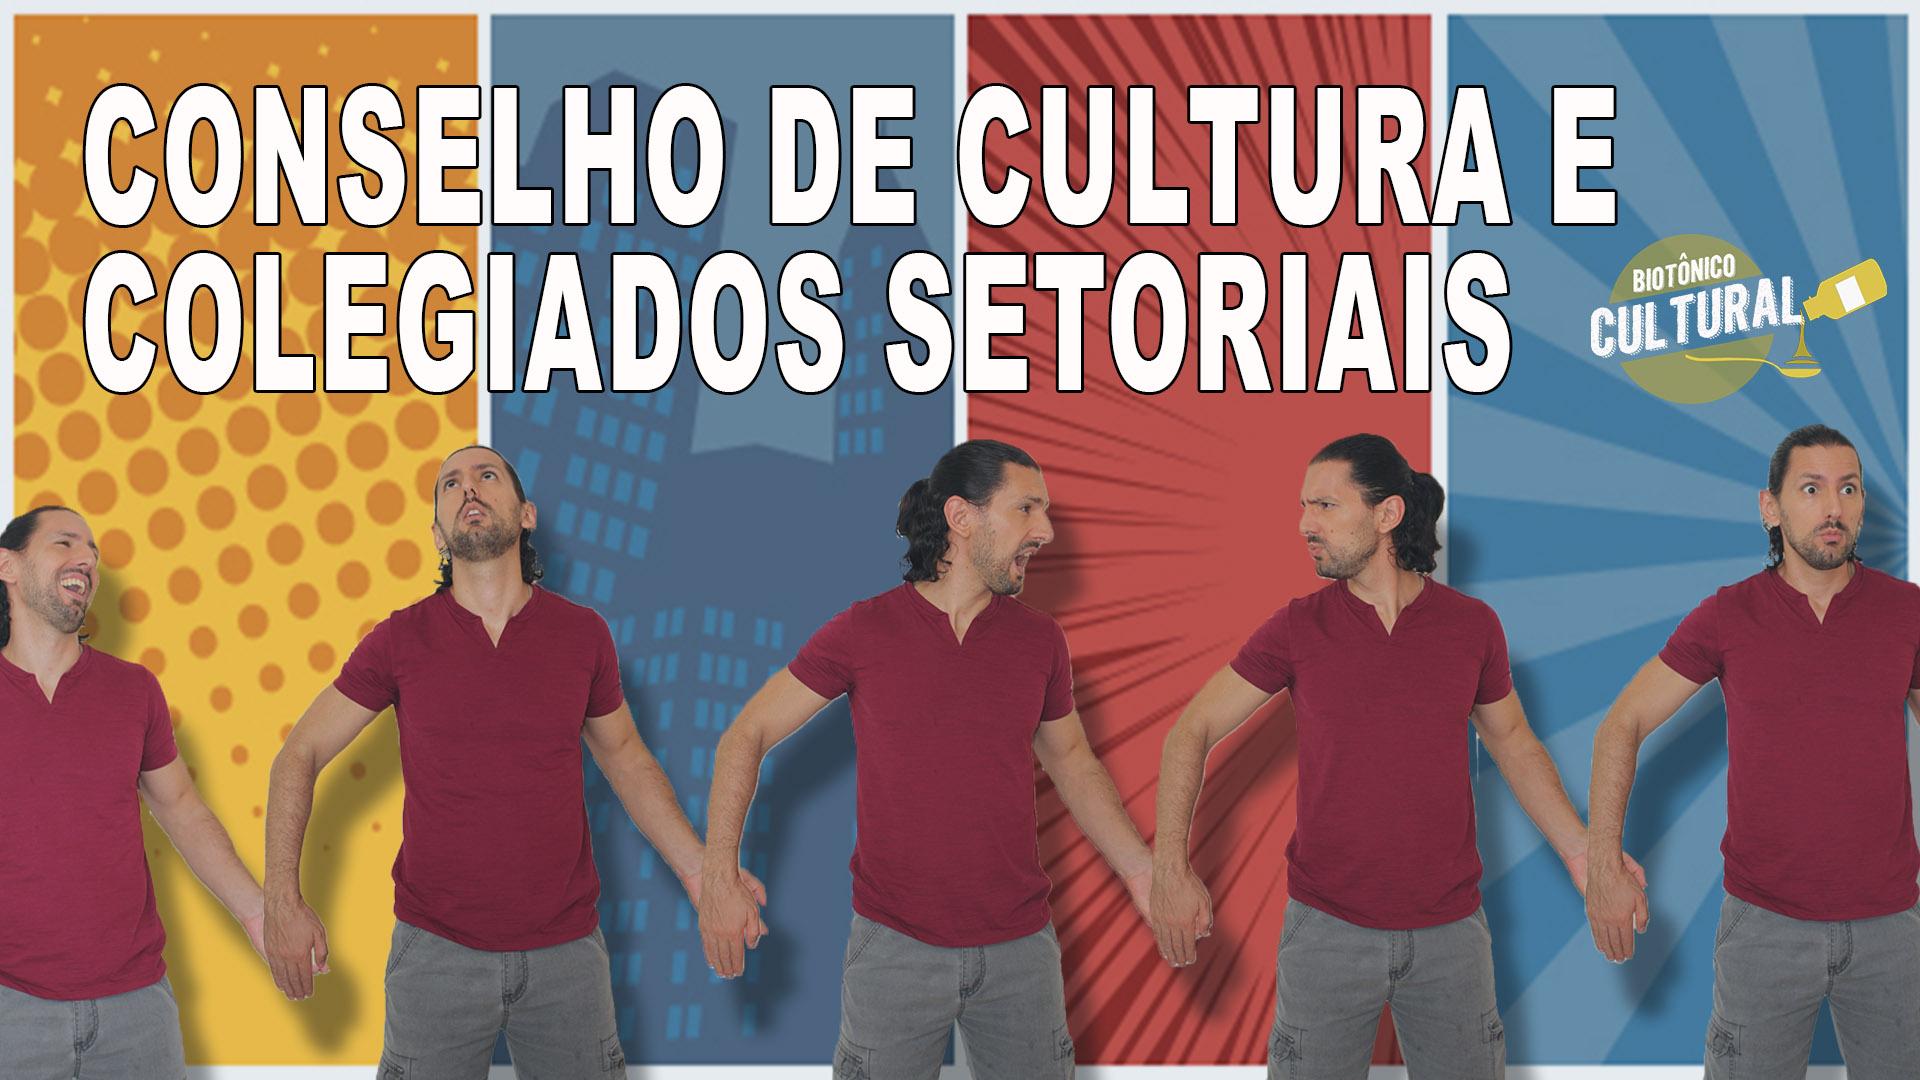 Biotônico Cultural 07